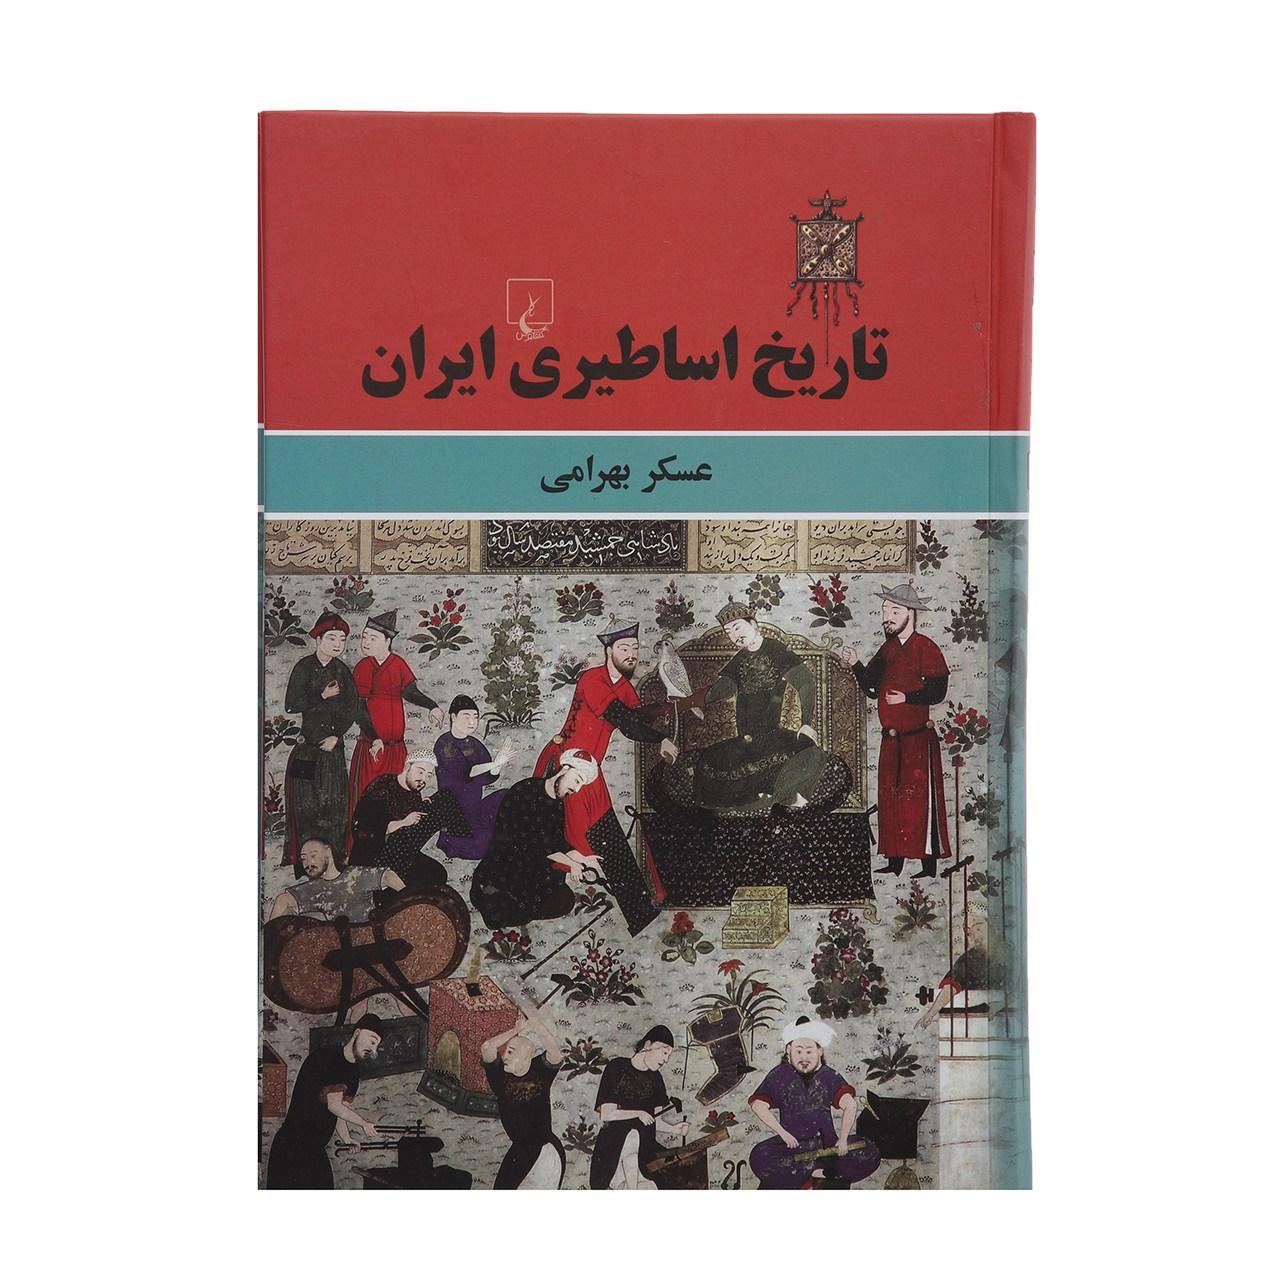 کتاب تاریخ اساطیری ایران اثر عسکر بهرامی